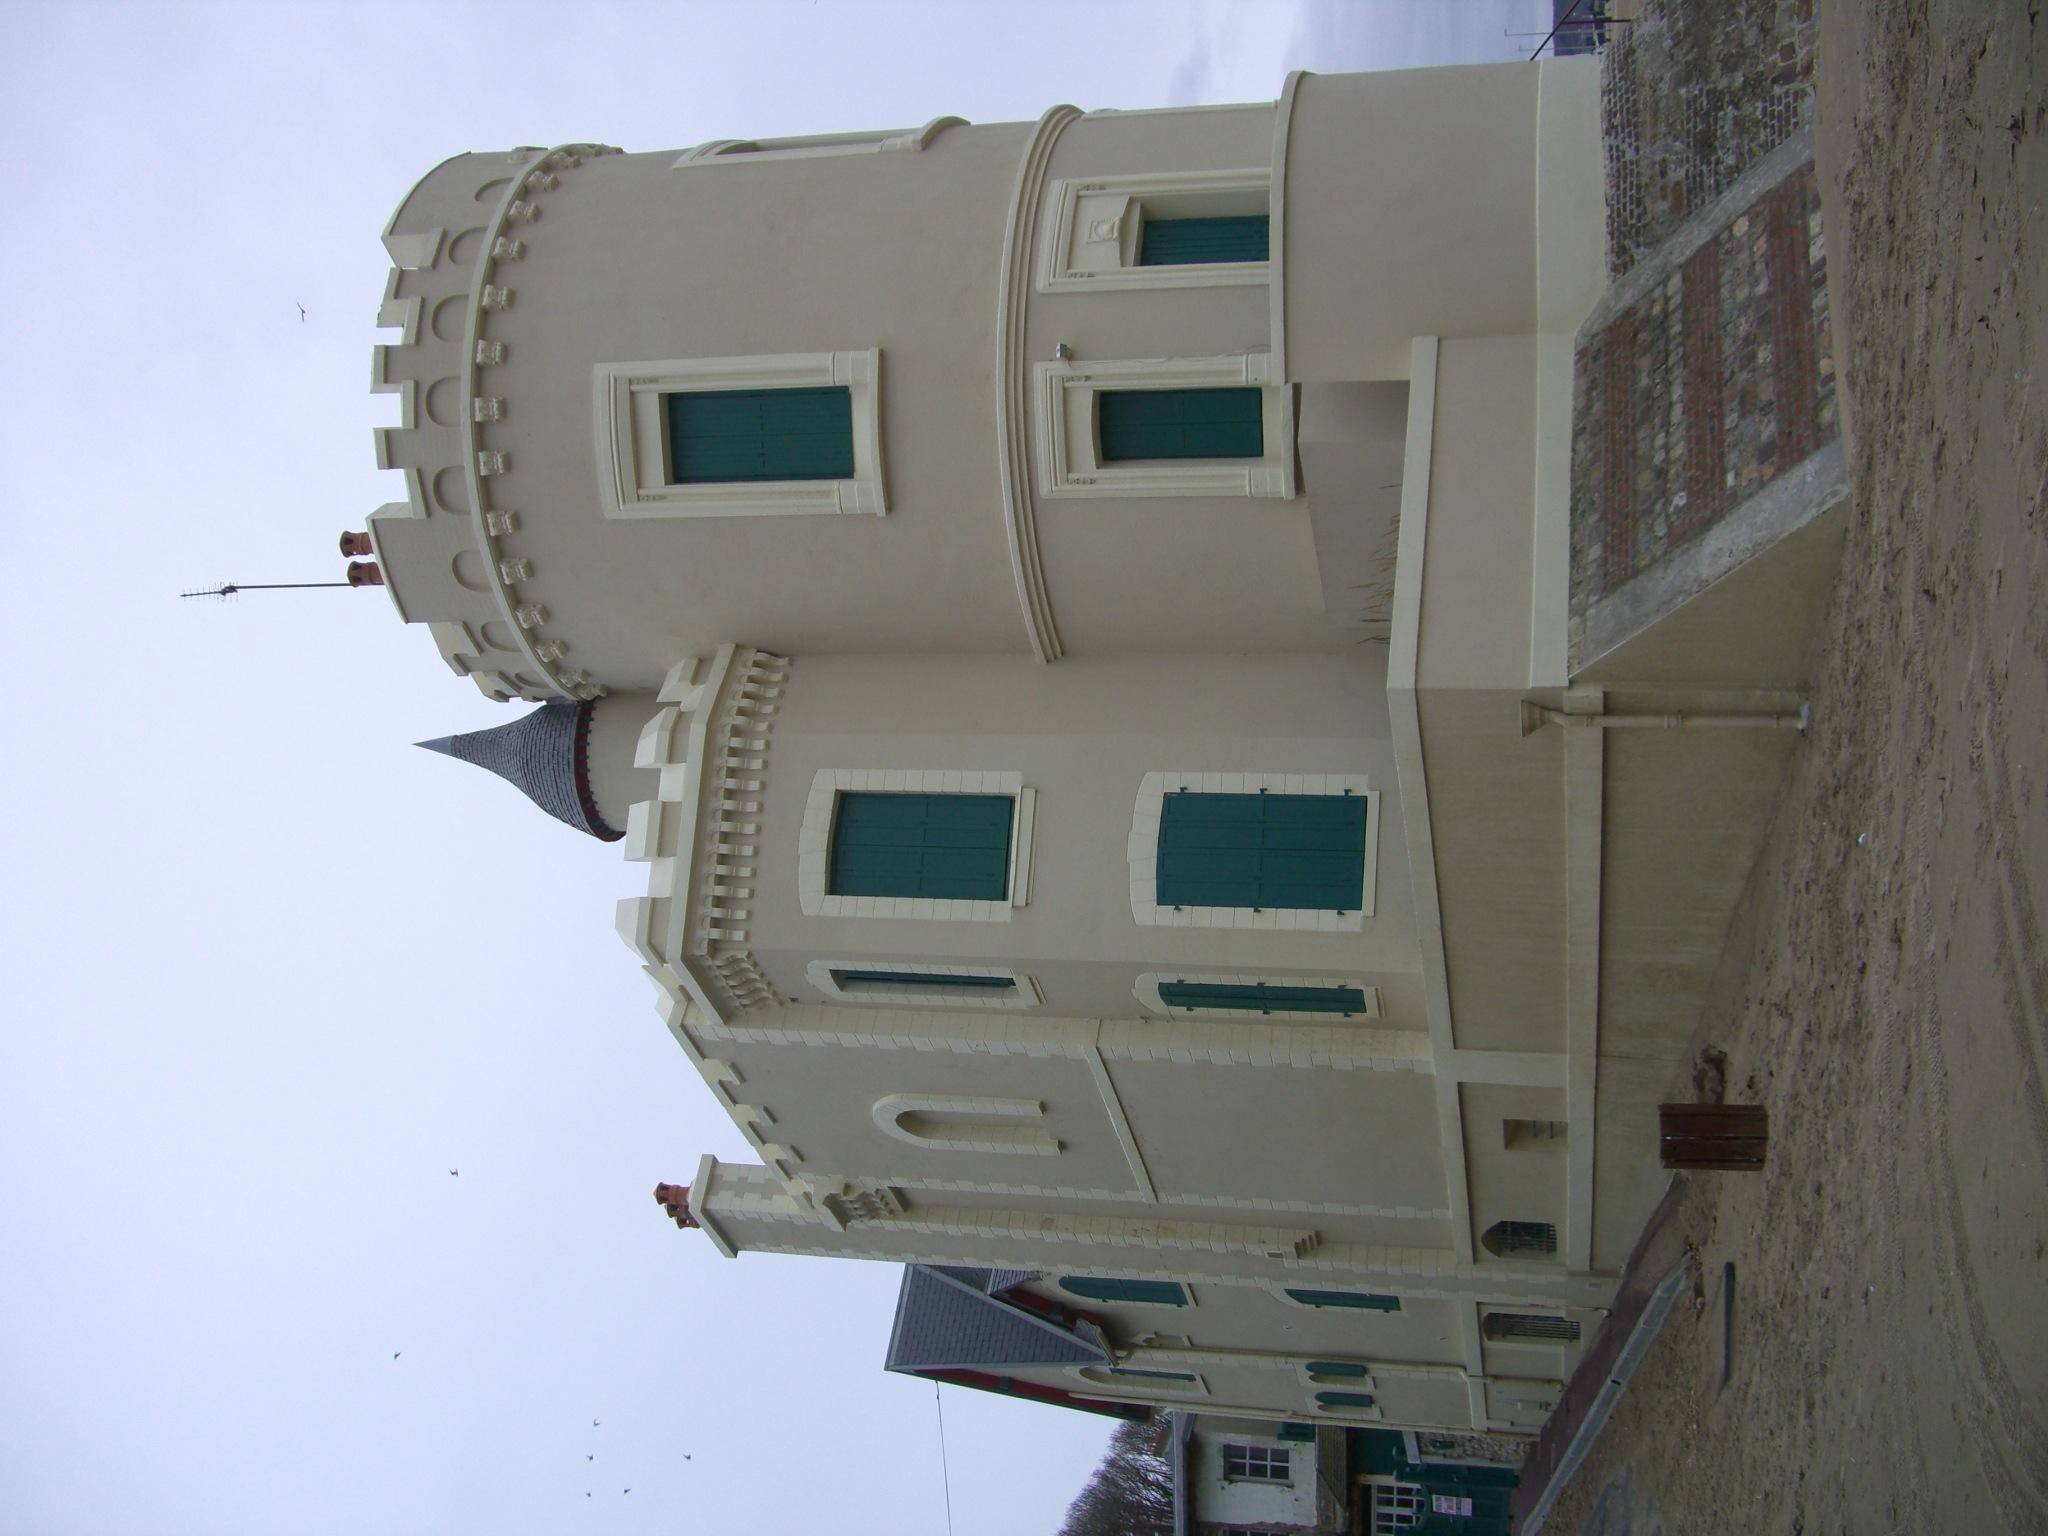 Tour Malakoff Trouville la Tour Malakoff Trouville